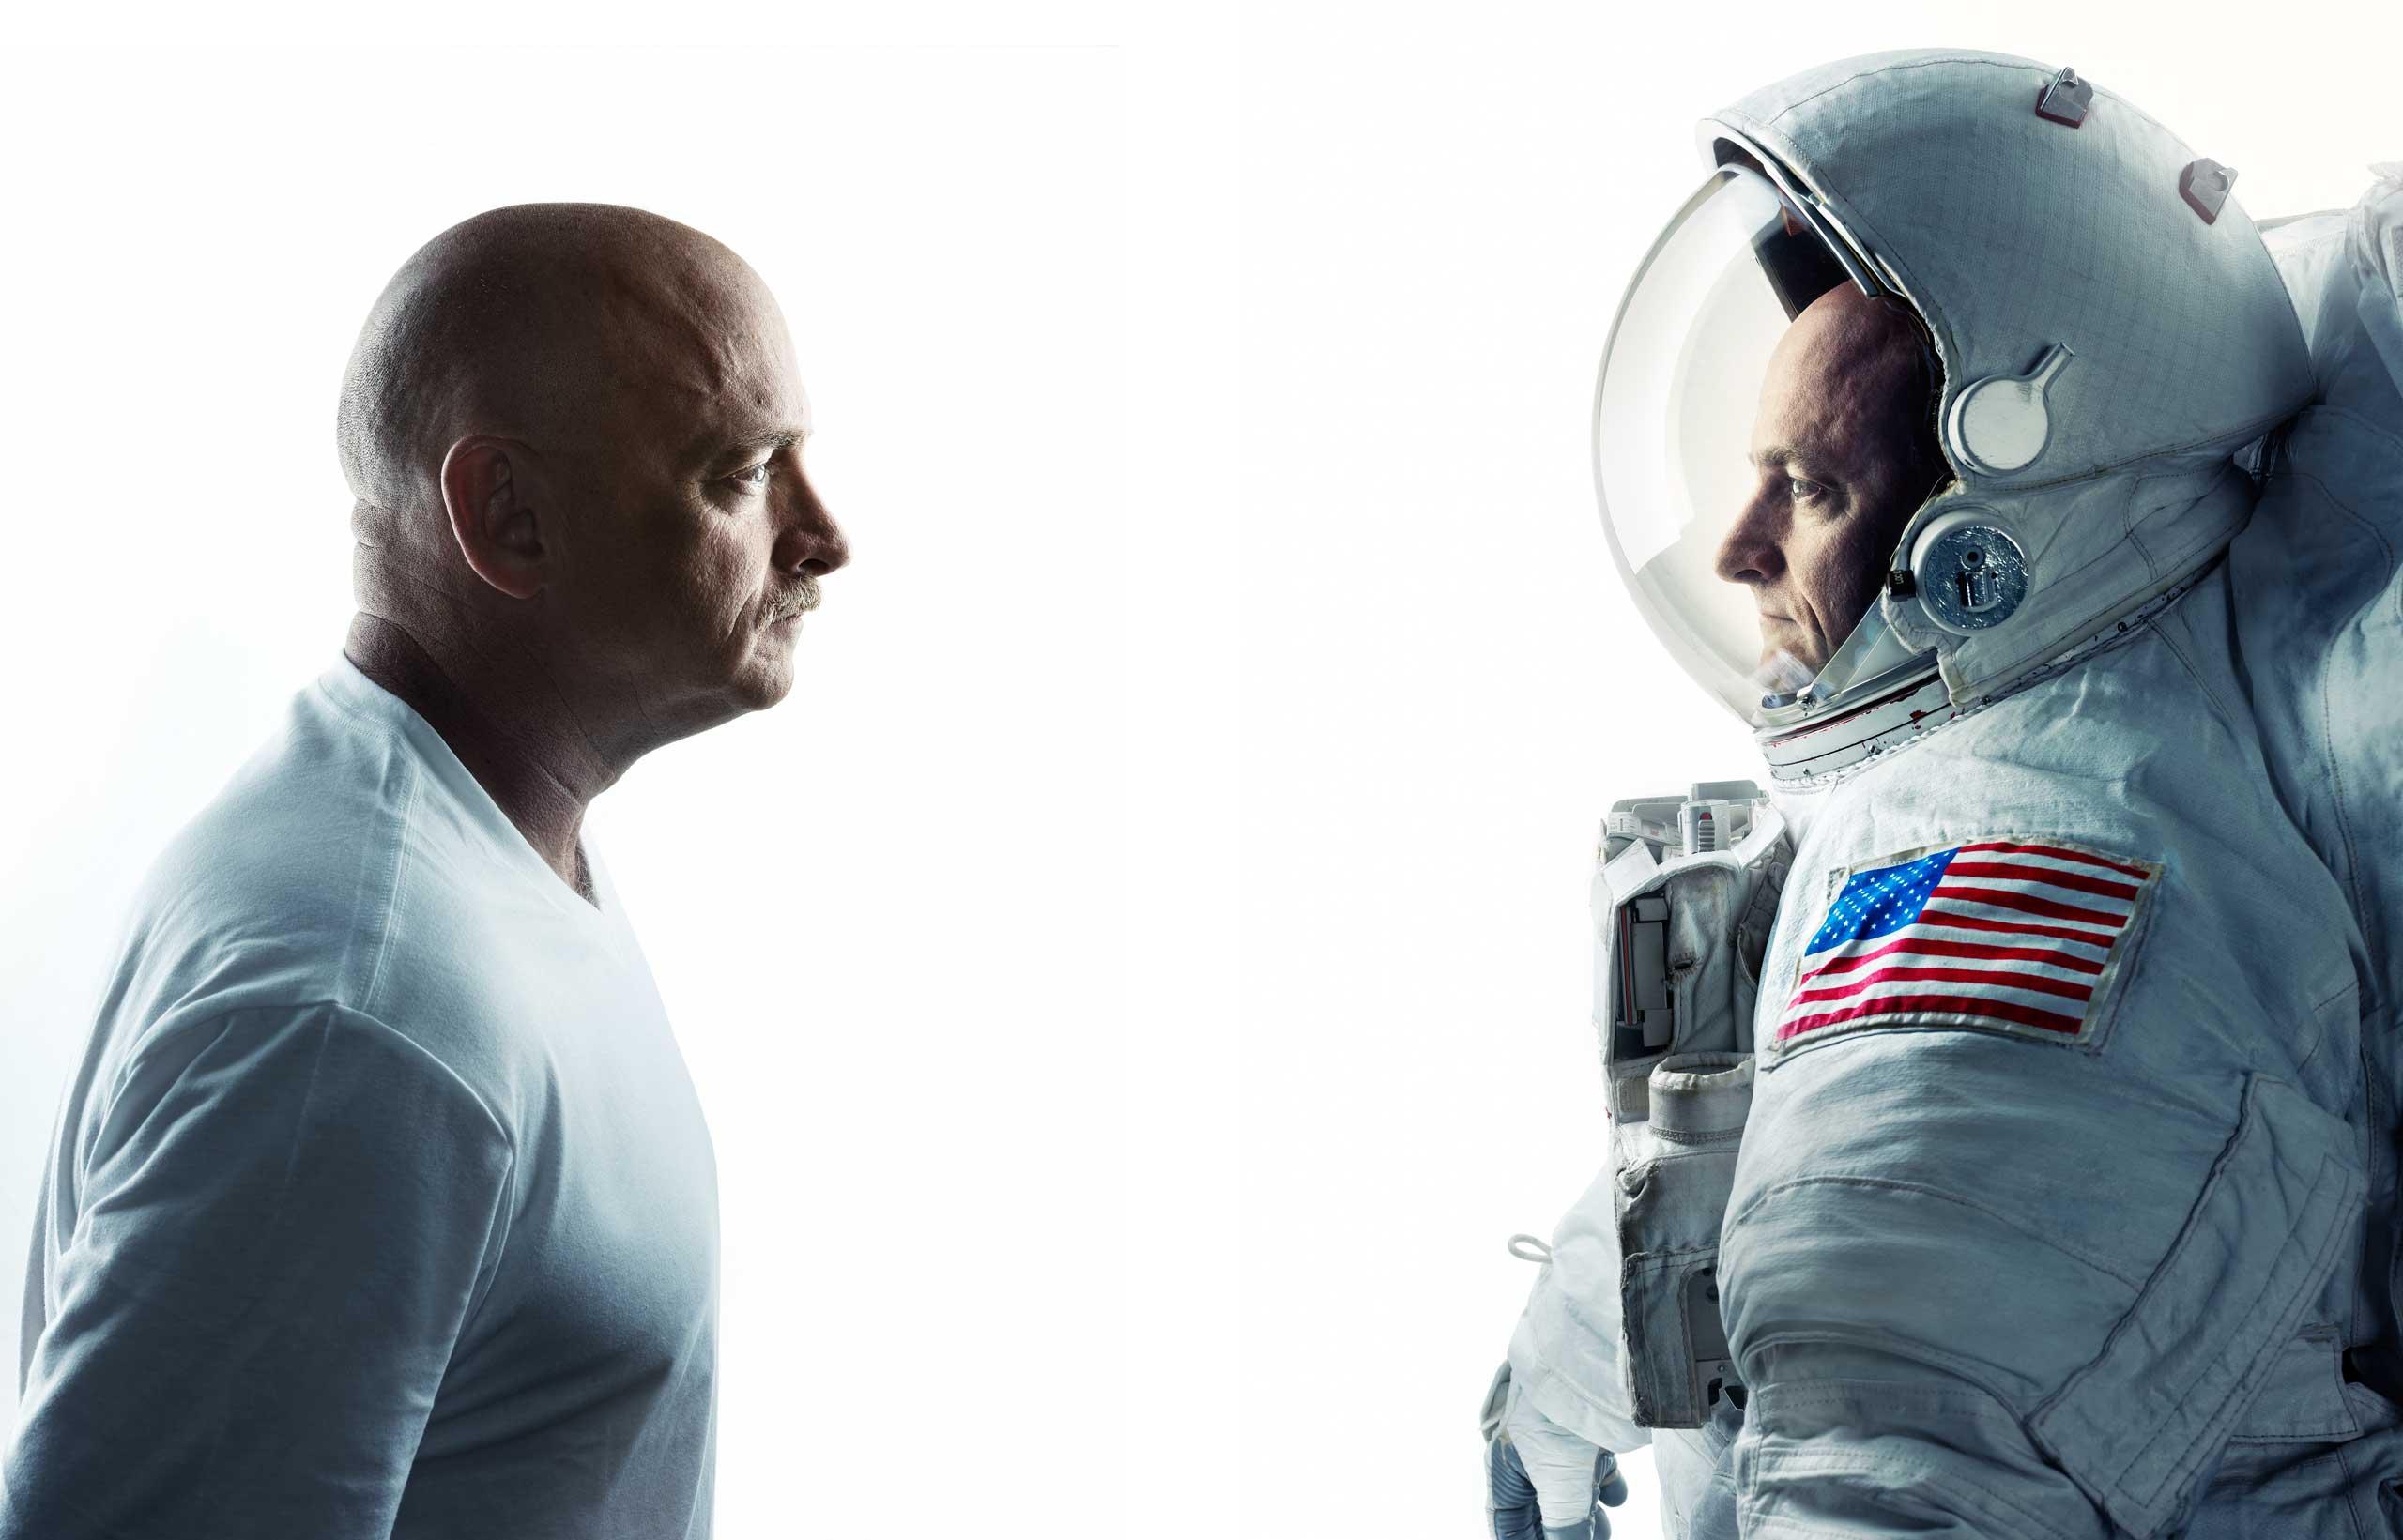 L'étude de la NASA sur les jumeaux astronautes : les effets de l'espace sur le corps humain